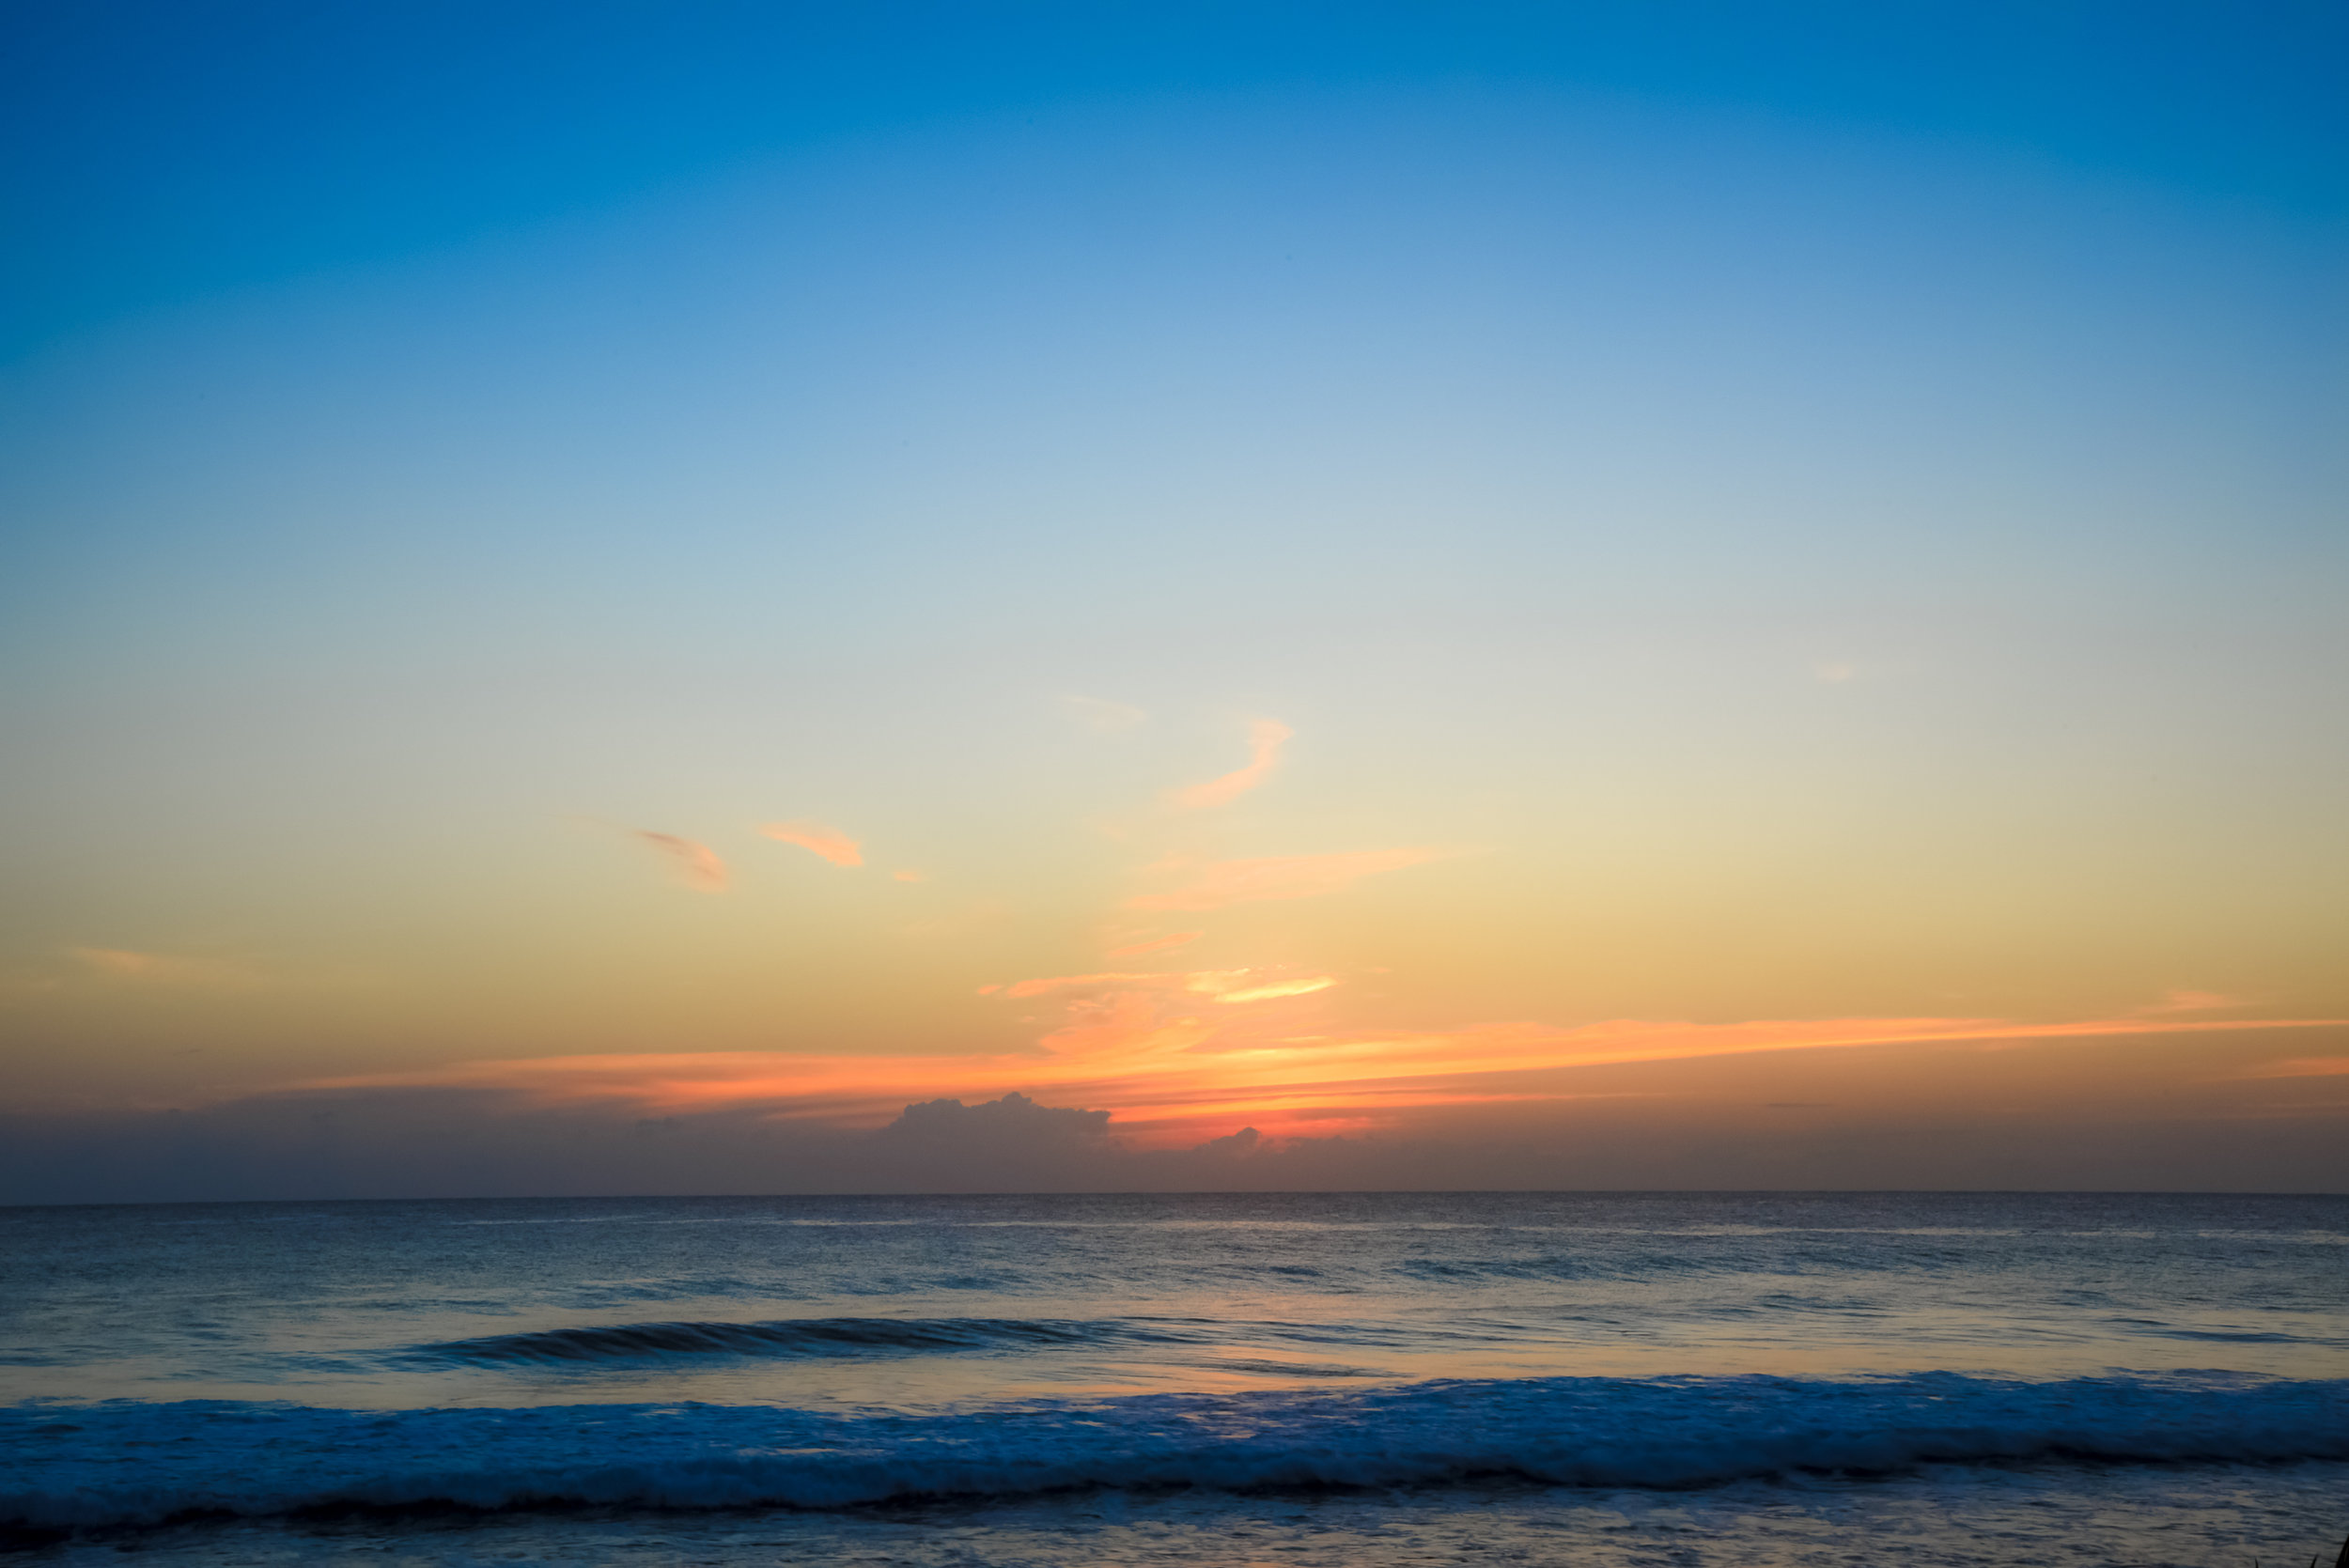 SOUTH_SOUND_BEACH-2.jpg